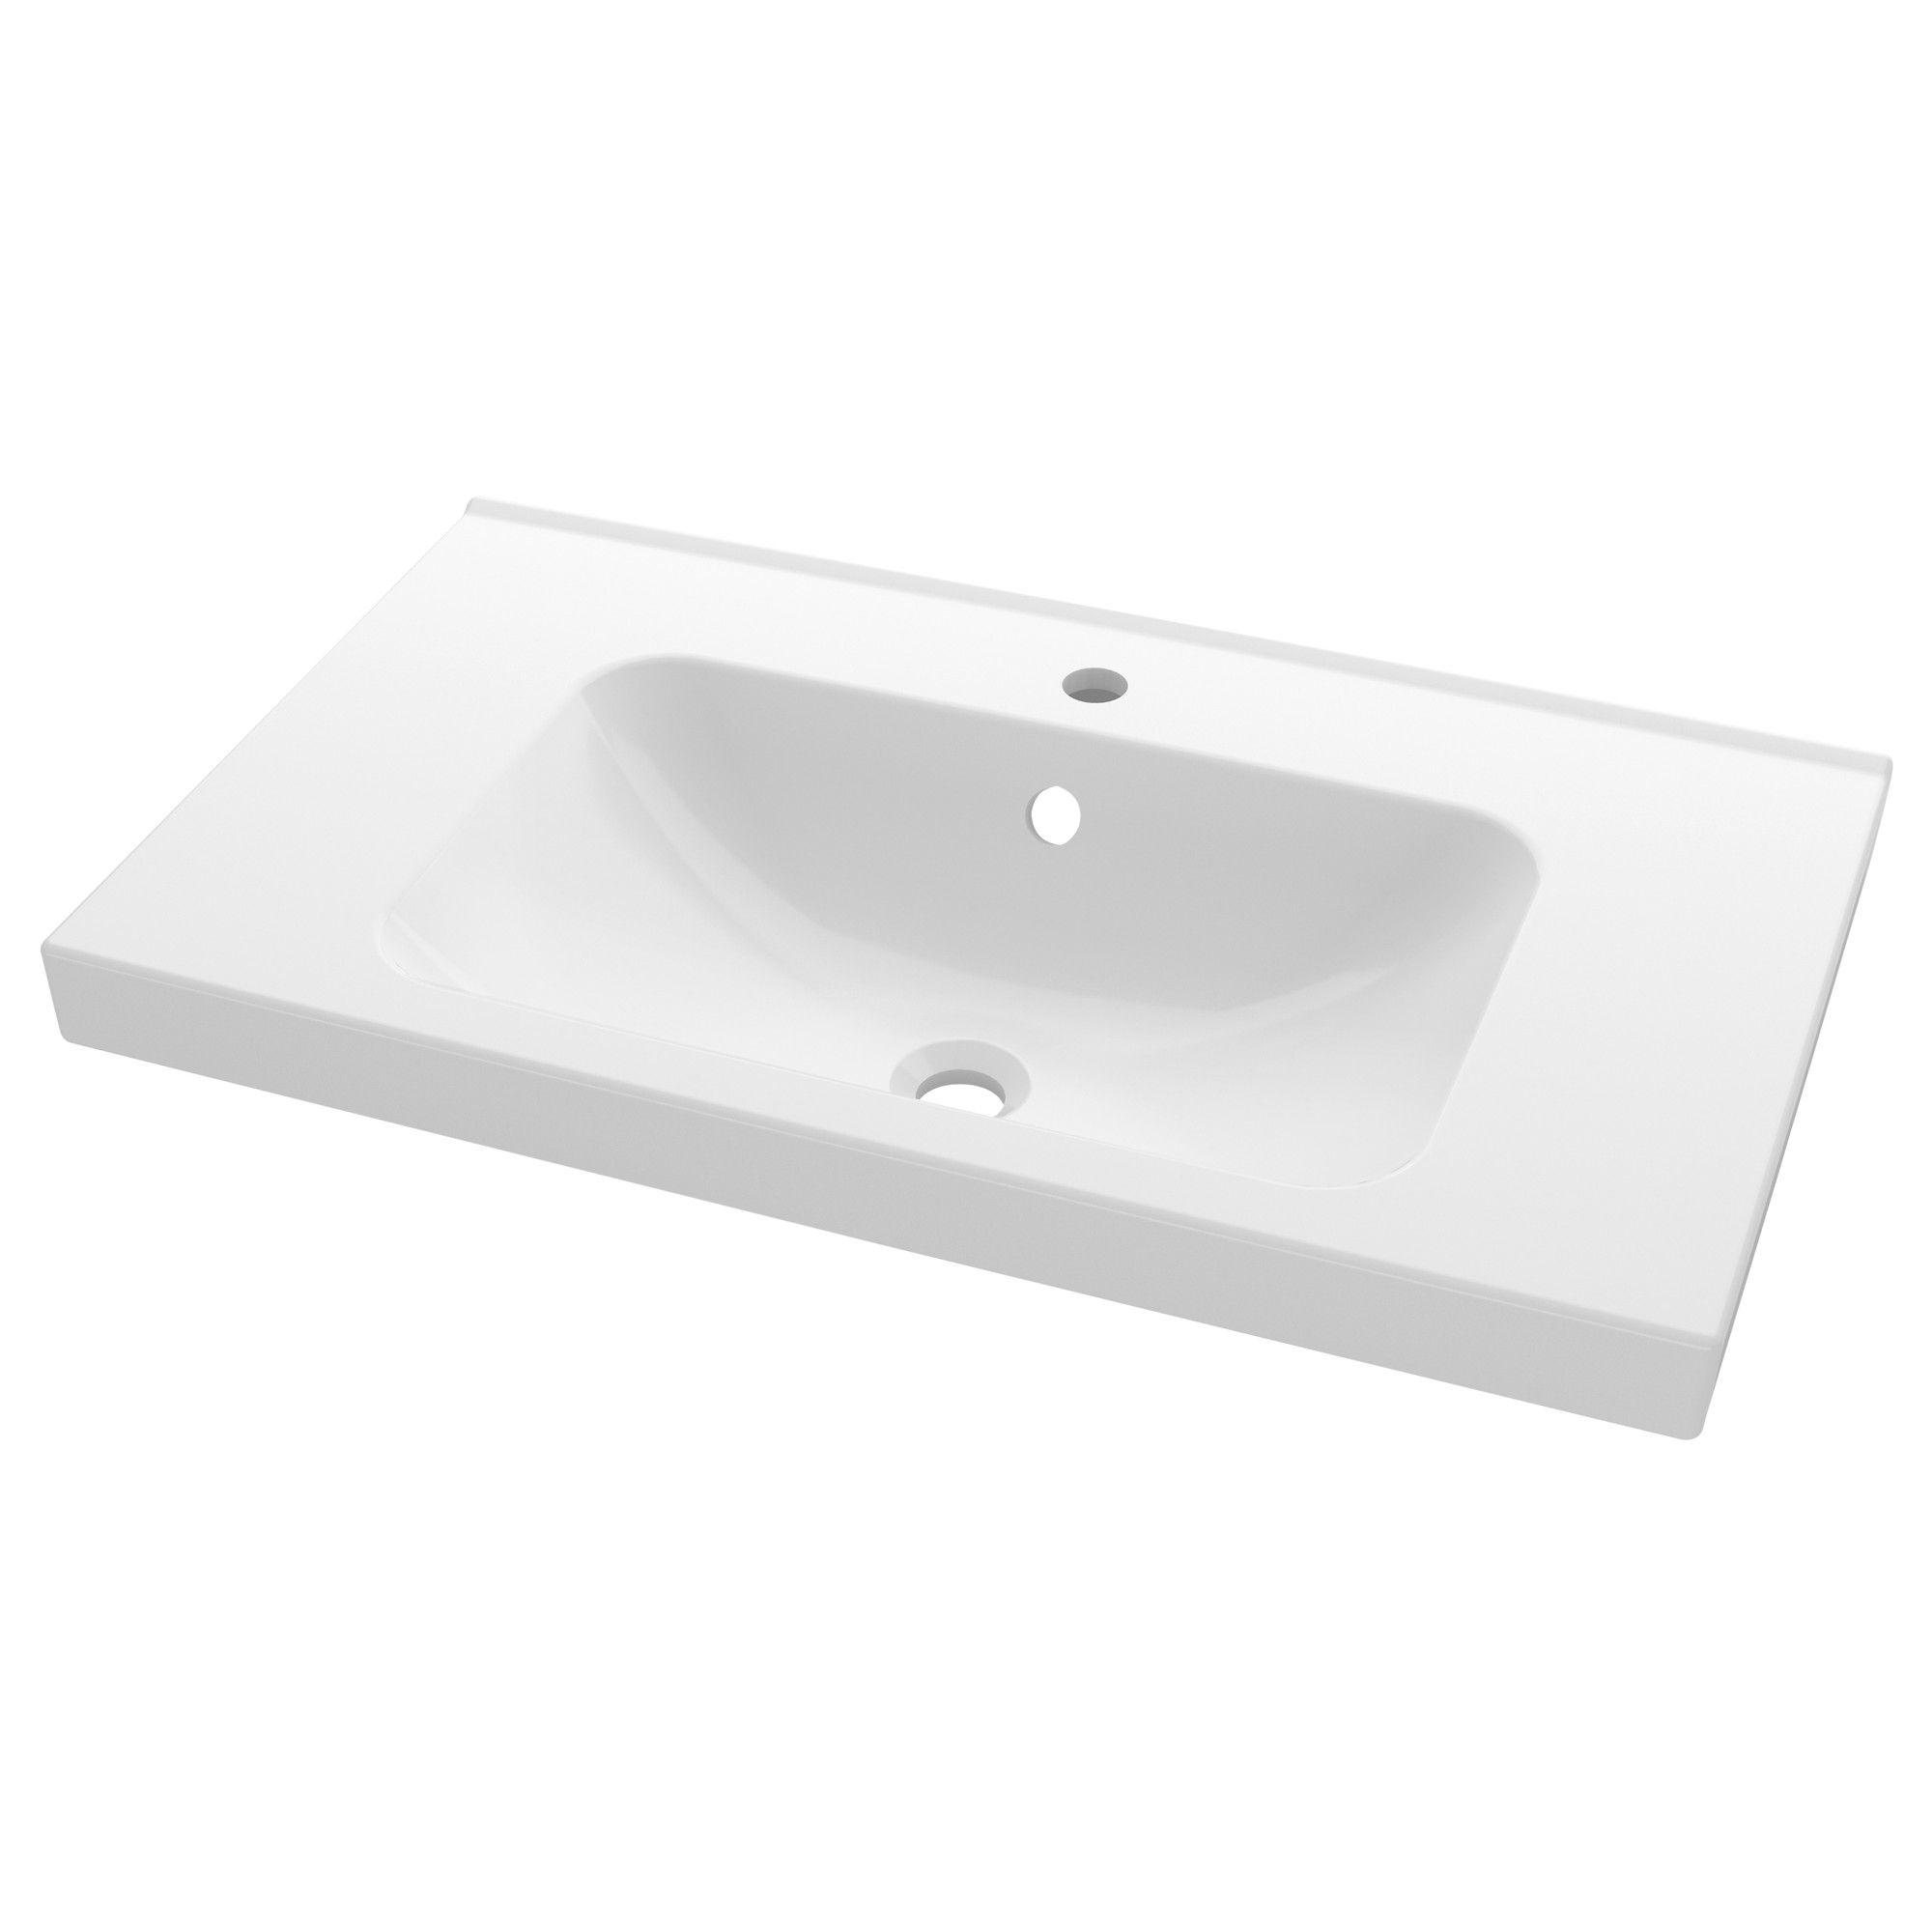 odensvik wastafel 1 bak sinks